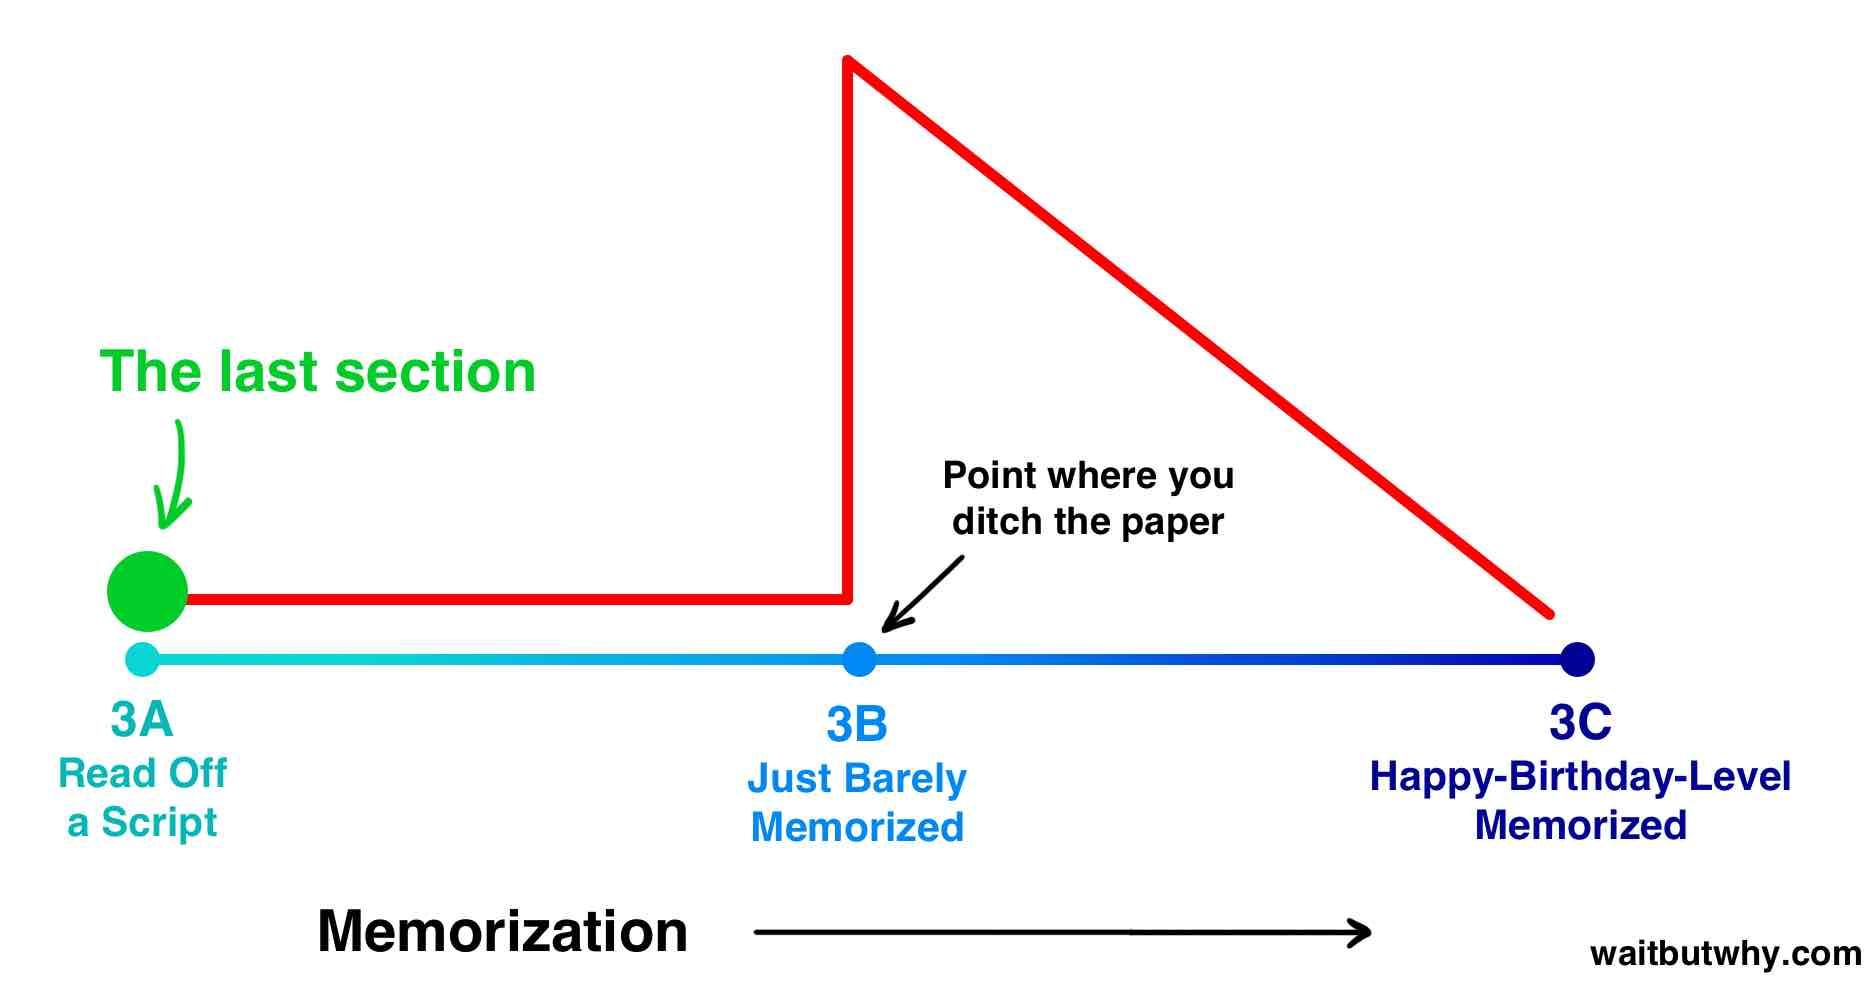 Memorization risk graph 3